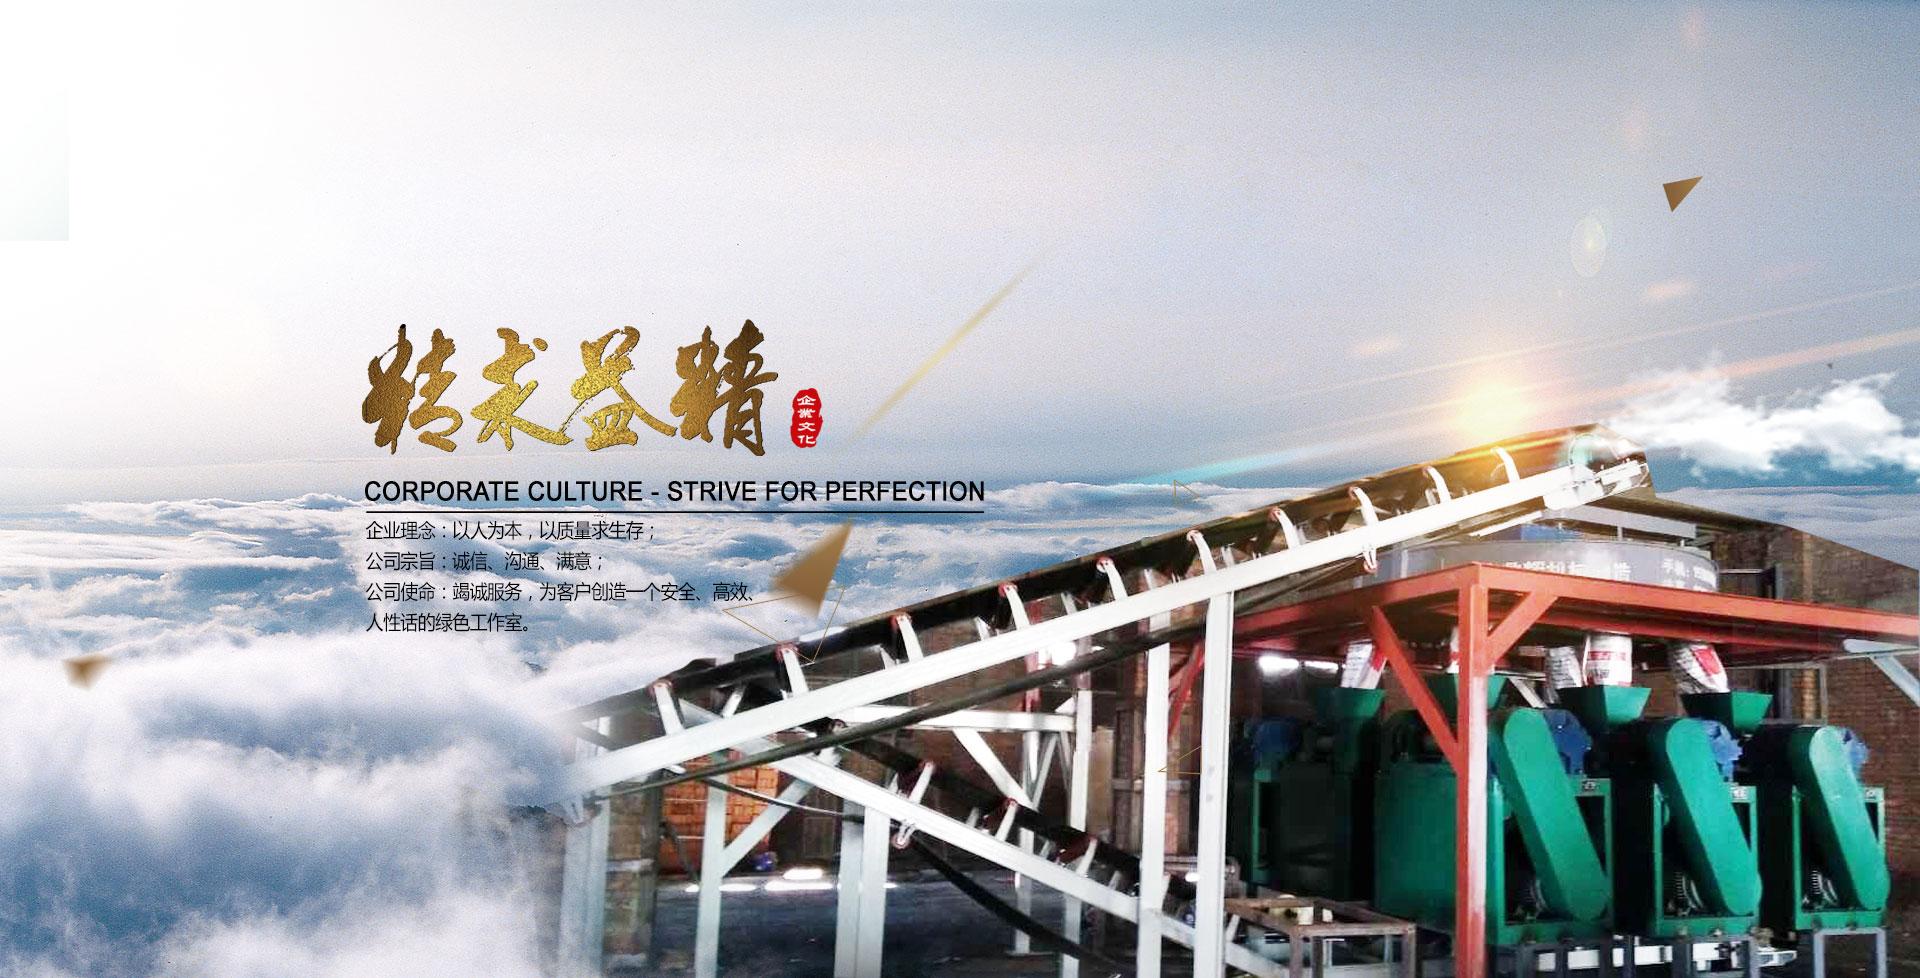 鼎辉化肥/有机肥设备制造厂企业理念、宗旨和使命